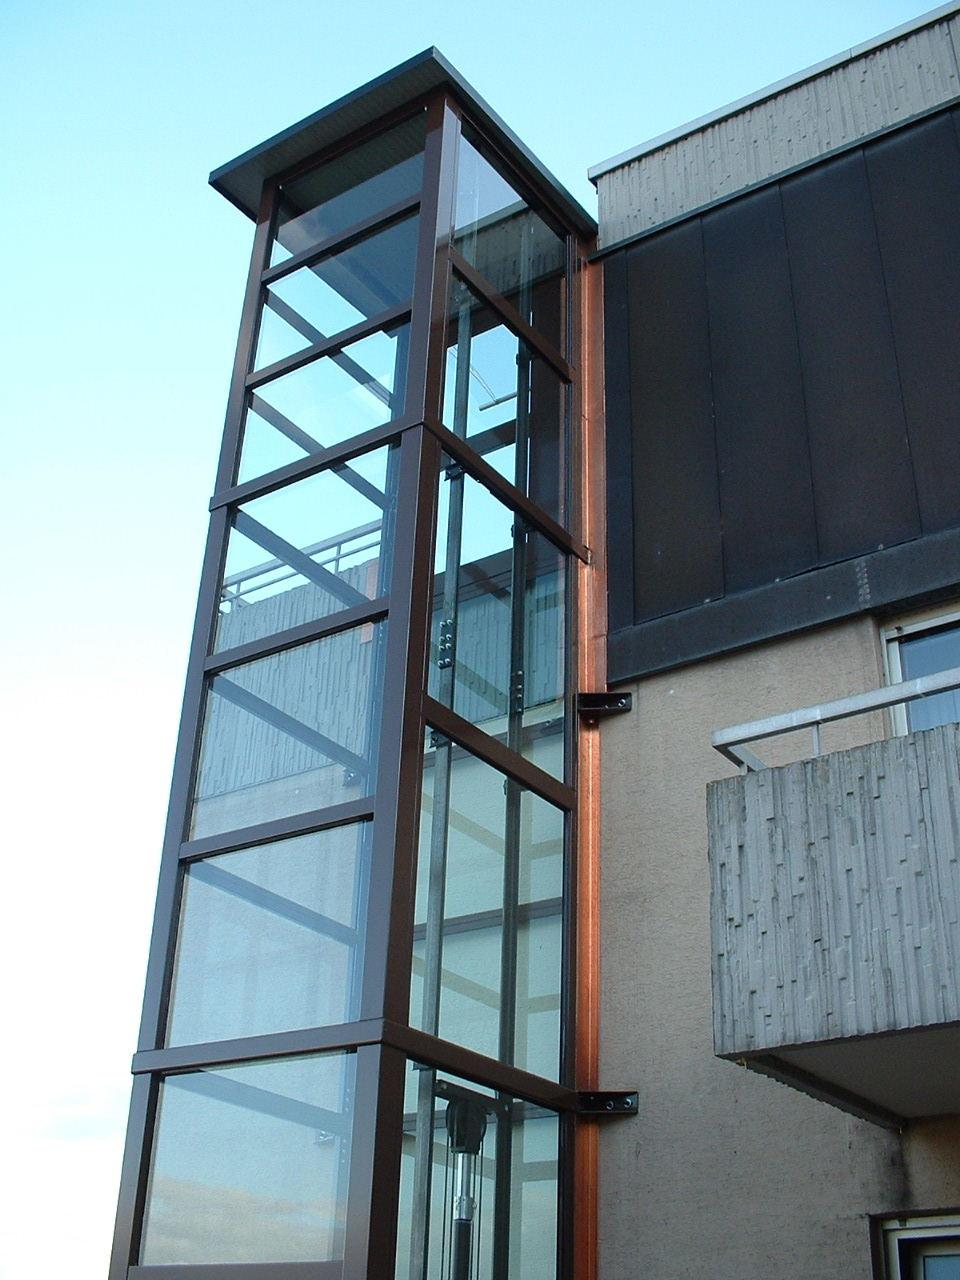 Gläserner Aufzug schwarz außen